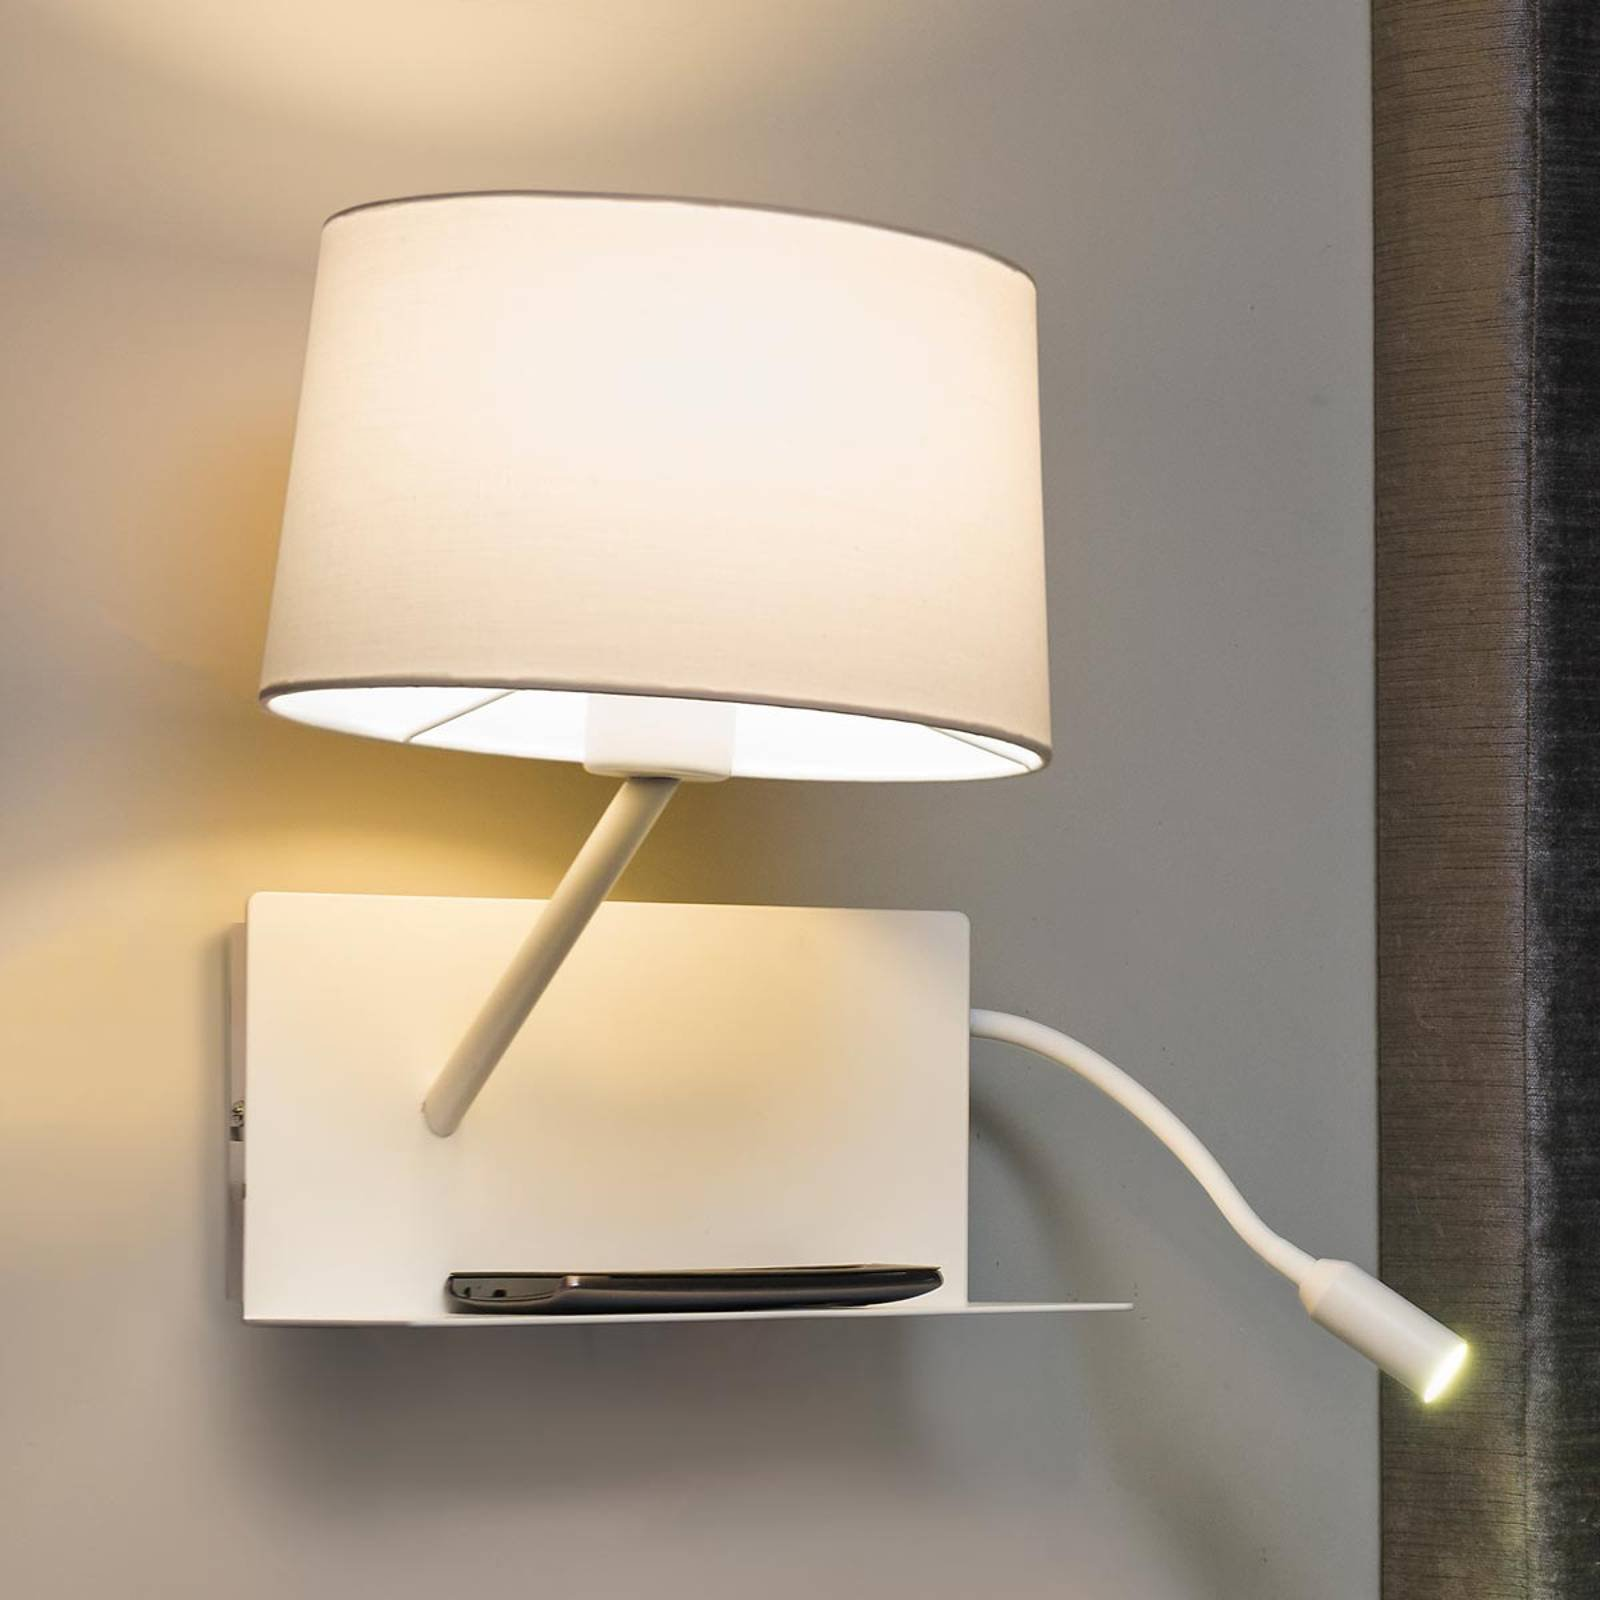 Med LED-lesearm - funksjonell vegglampe Handy